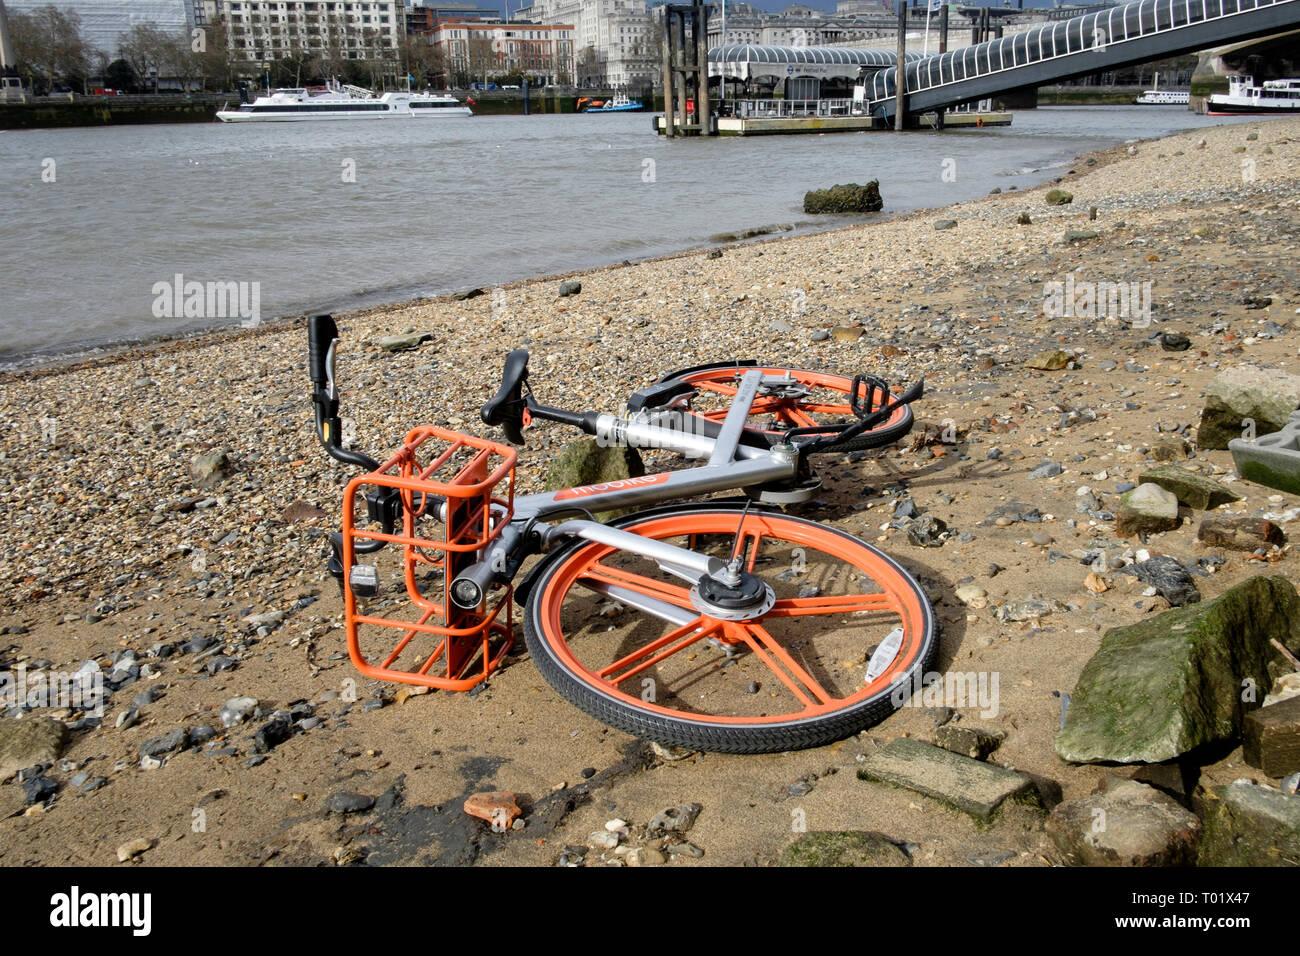 Mobike Zyklus Kostenteilung Fahrrad am Ufer der Themse, London aufgegeben. Stockfoto